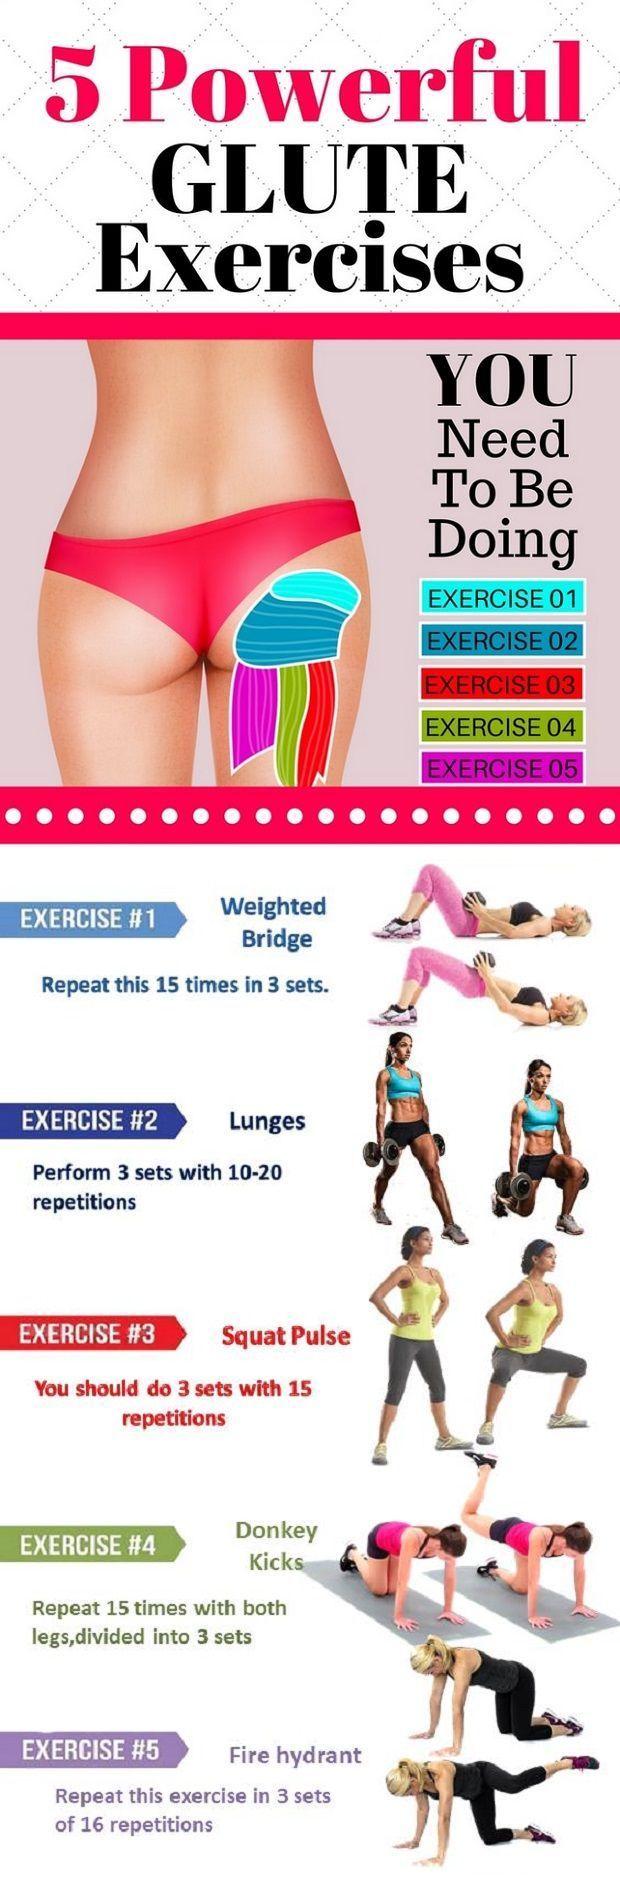 5 Übungen, die deine Gesäßmuskeln aufbauen, deine Körperhaltung verbessern und Fett verbrennen! - #aufbauen #deine #Die #Fett #Gesäßmuskeln #Körperhaltung #regimen #Übungen #und #verbessern #verbrennen #exerciseequipment